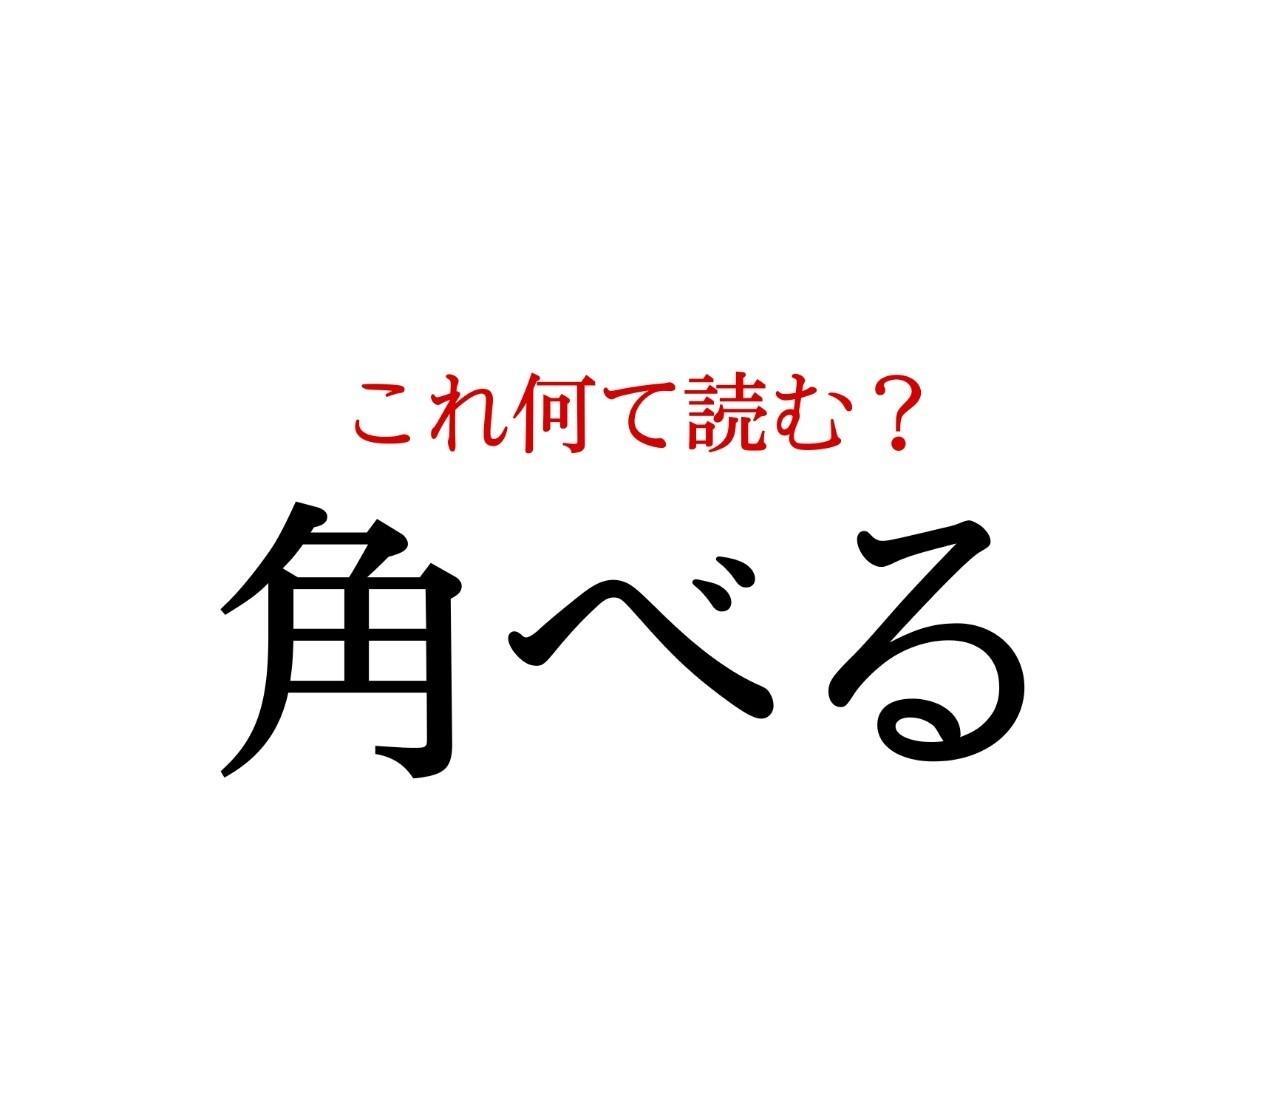 「角べる」:この漢字、自信を持って読めますか?【働く大人の漢字クイズvol.271】